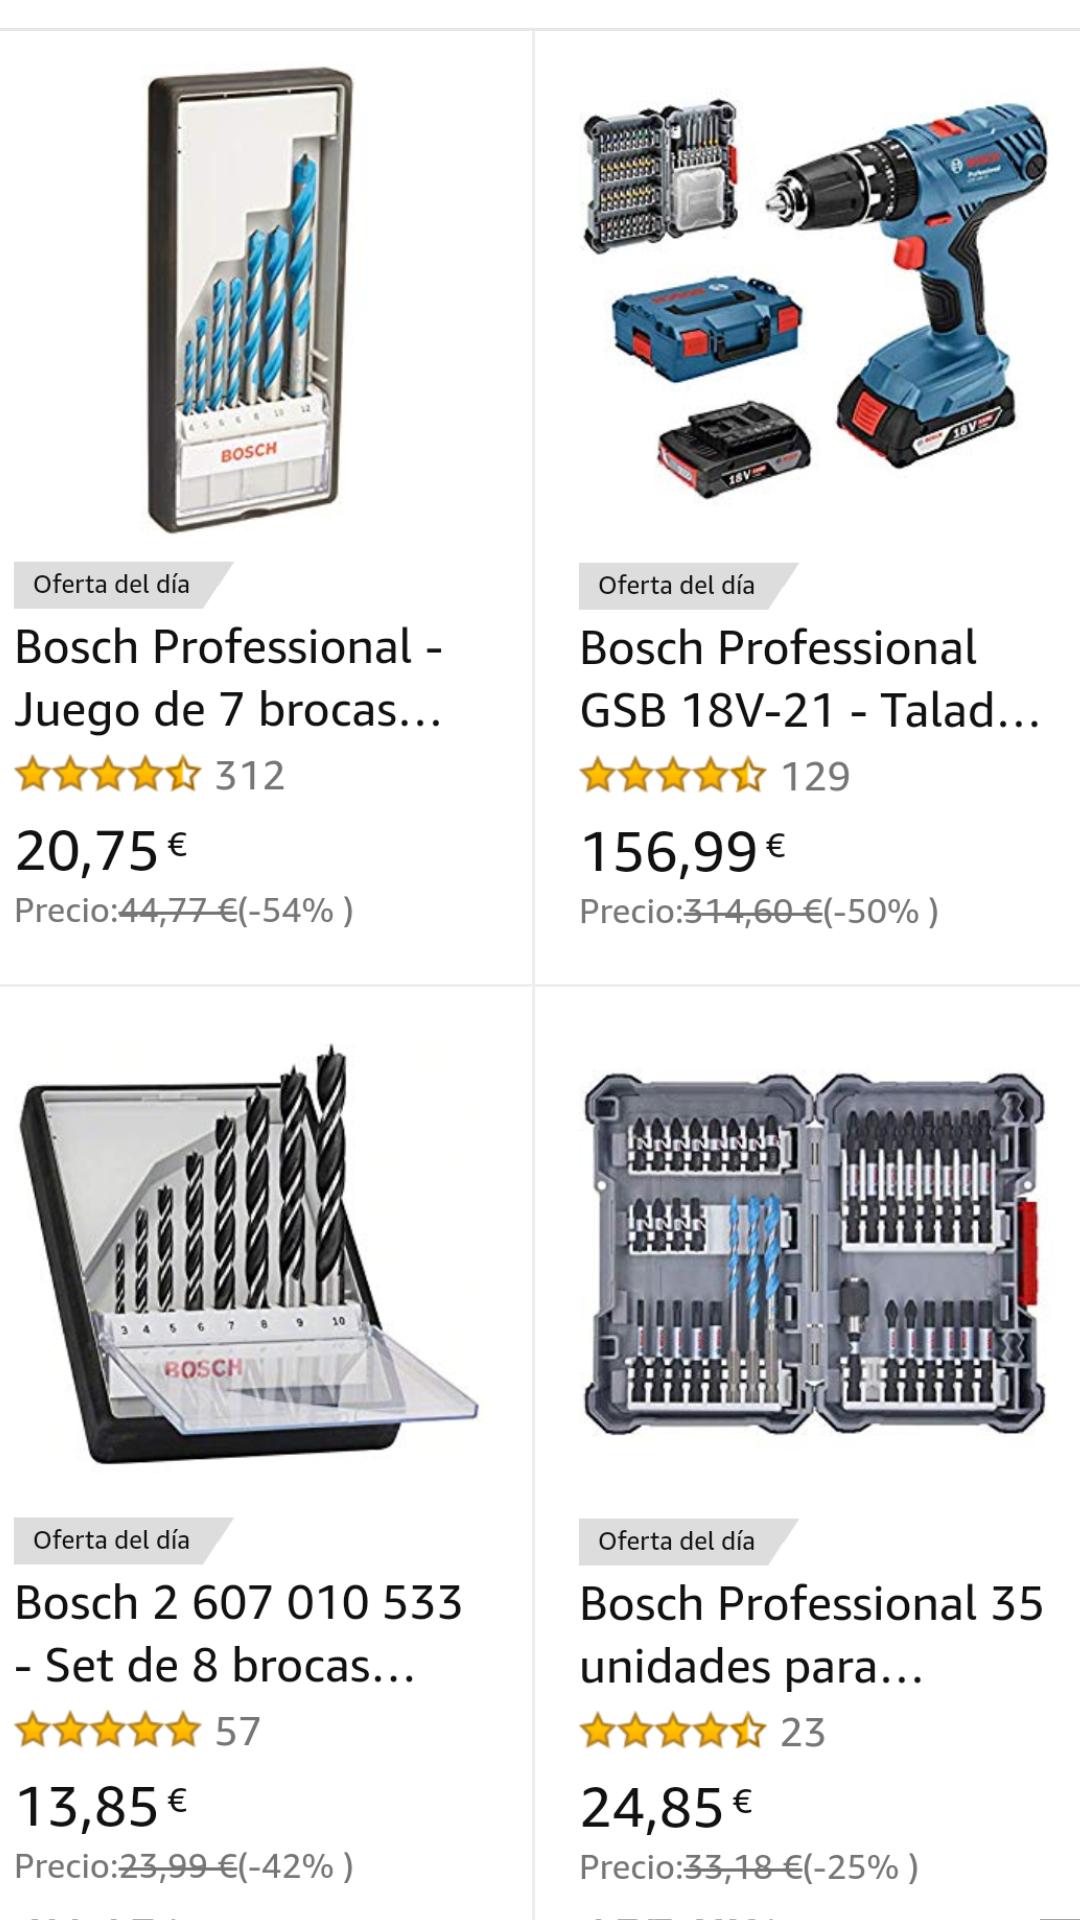 Hasta 25% Herramientas Bosch